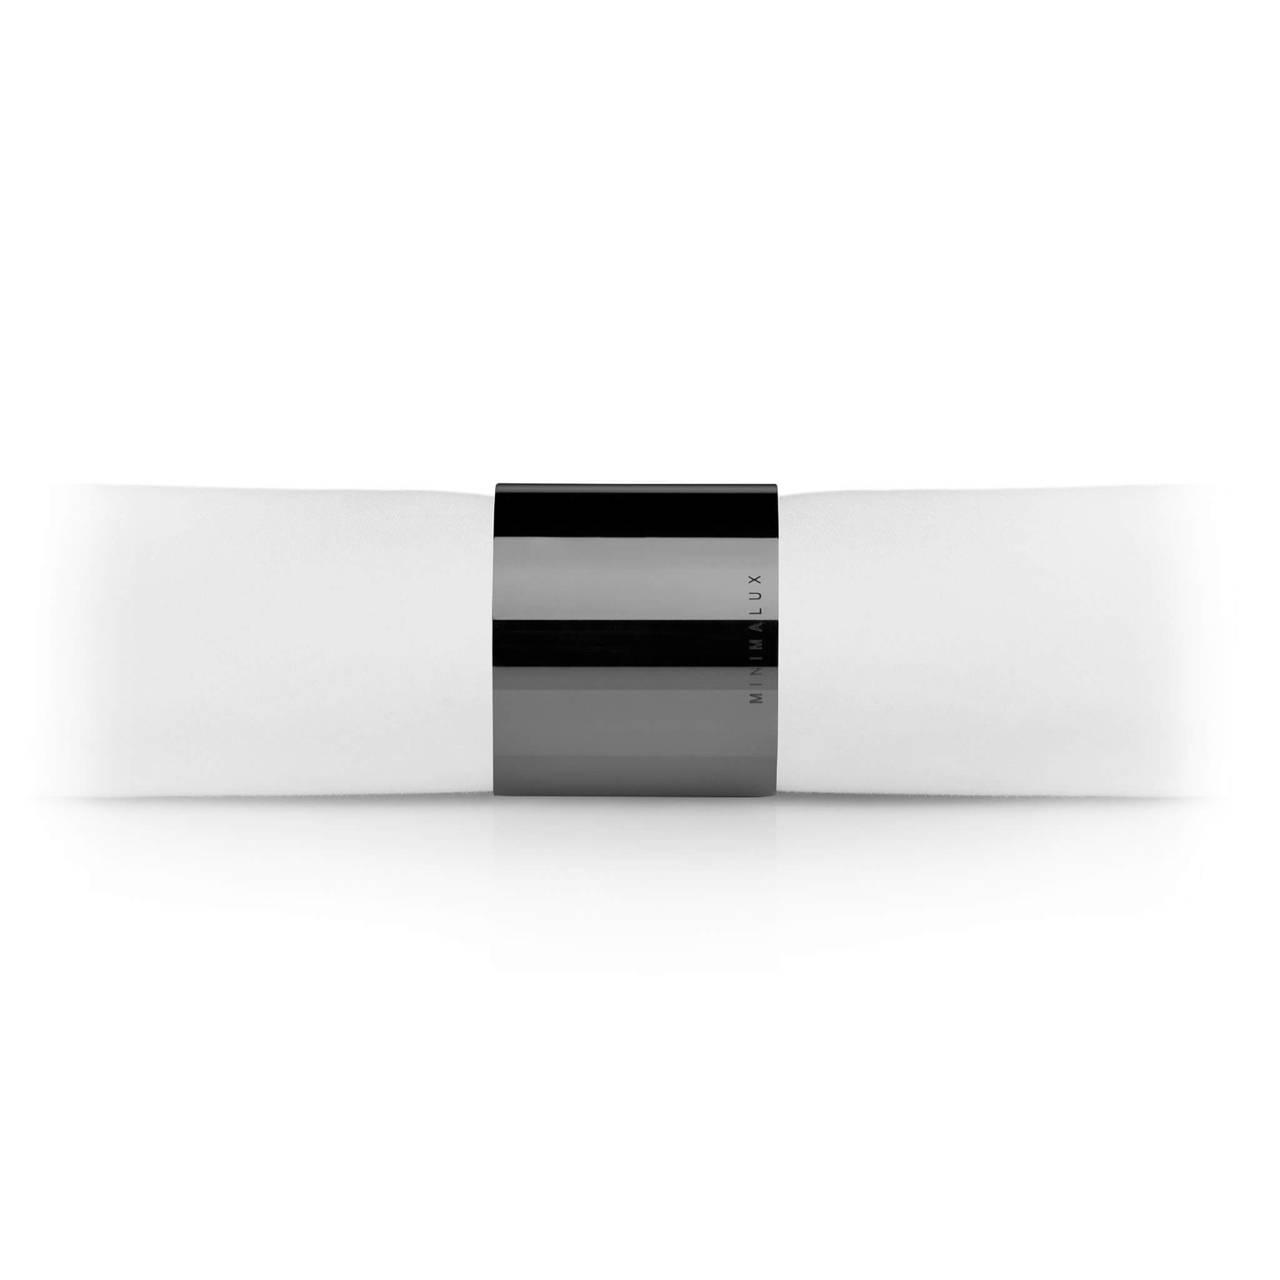 Tube Napkin Ring in Black Nickel